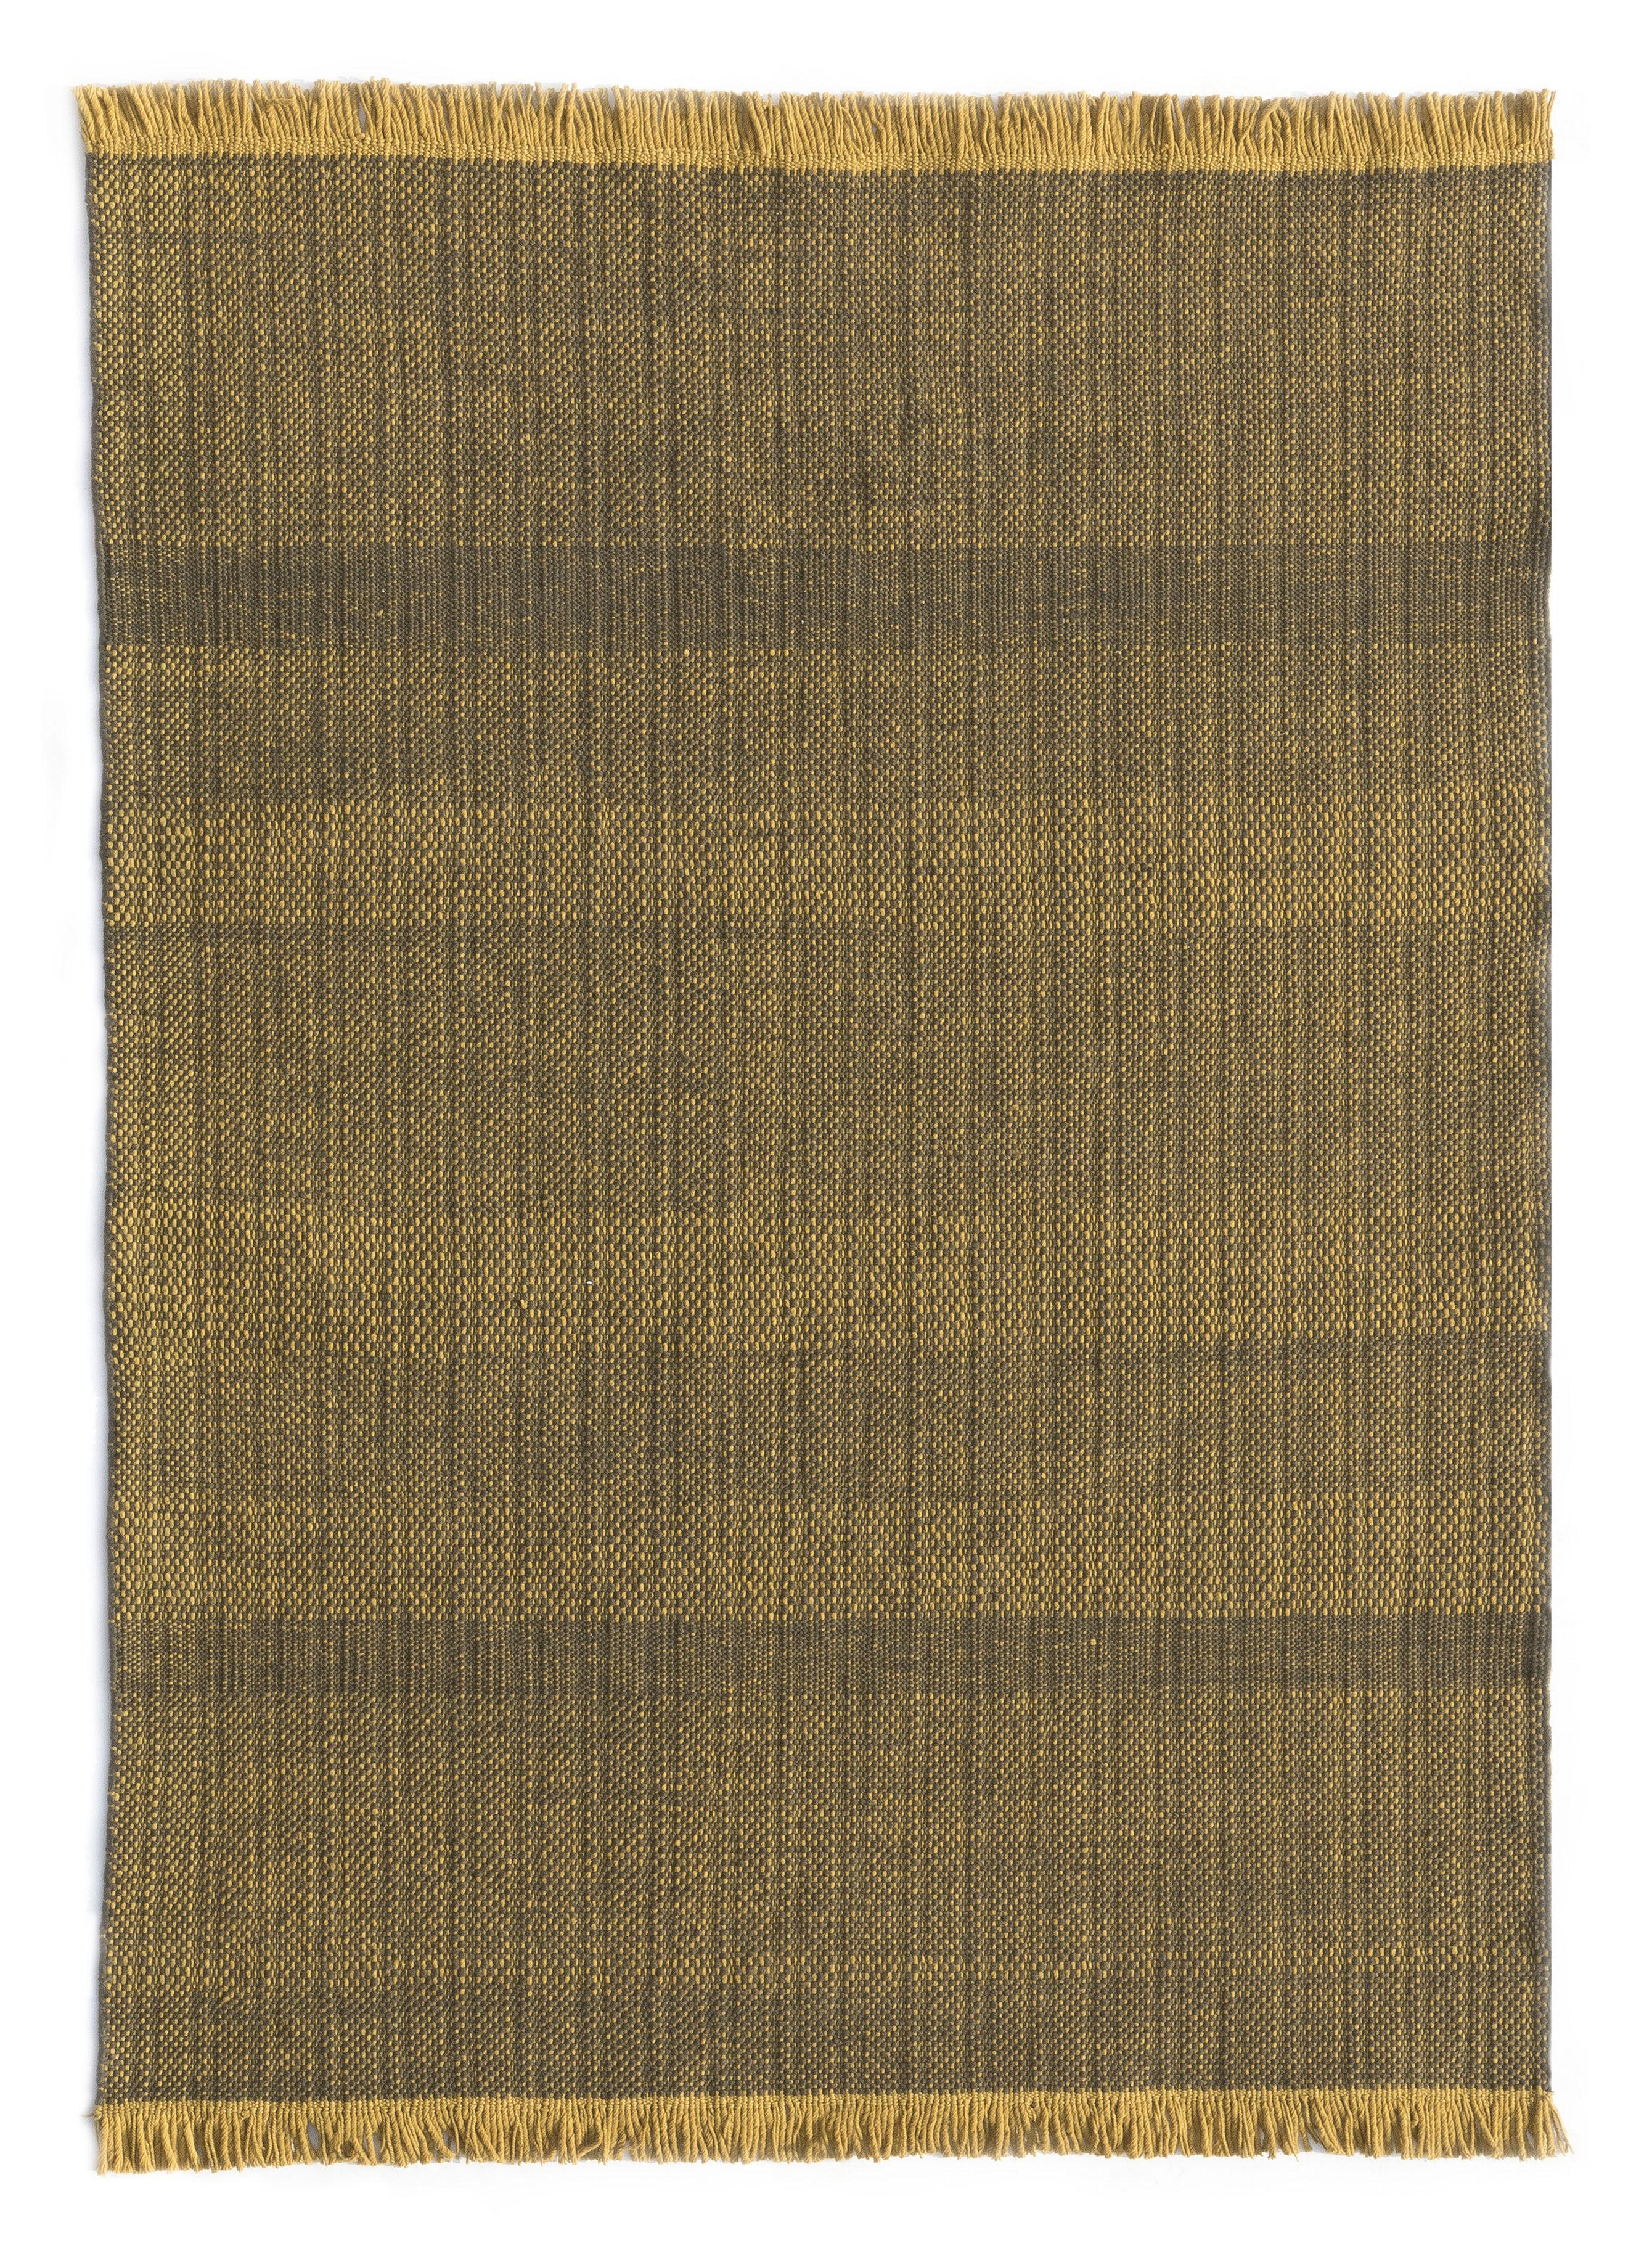 Déco - Tapis - Tapis d'extérieur Tres / 200 x 300 cm - Nanimarquina - Moutarde - Polyéthylène